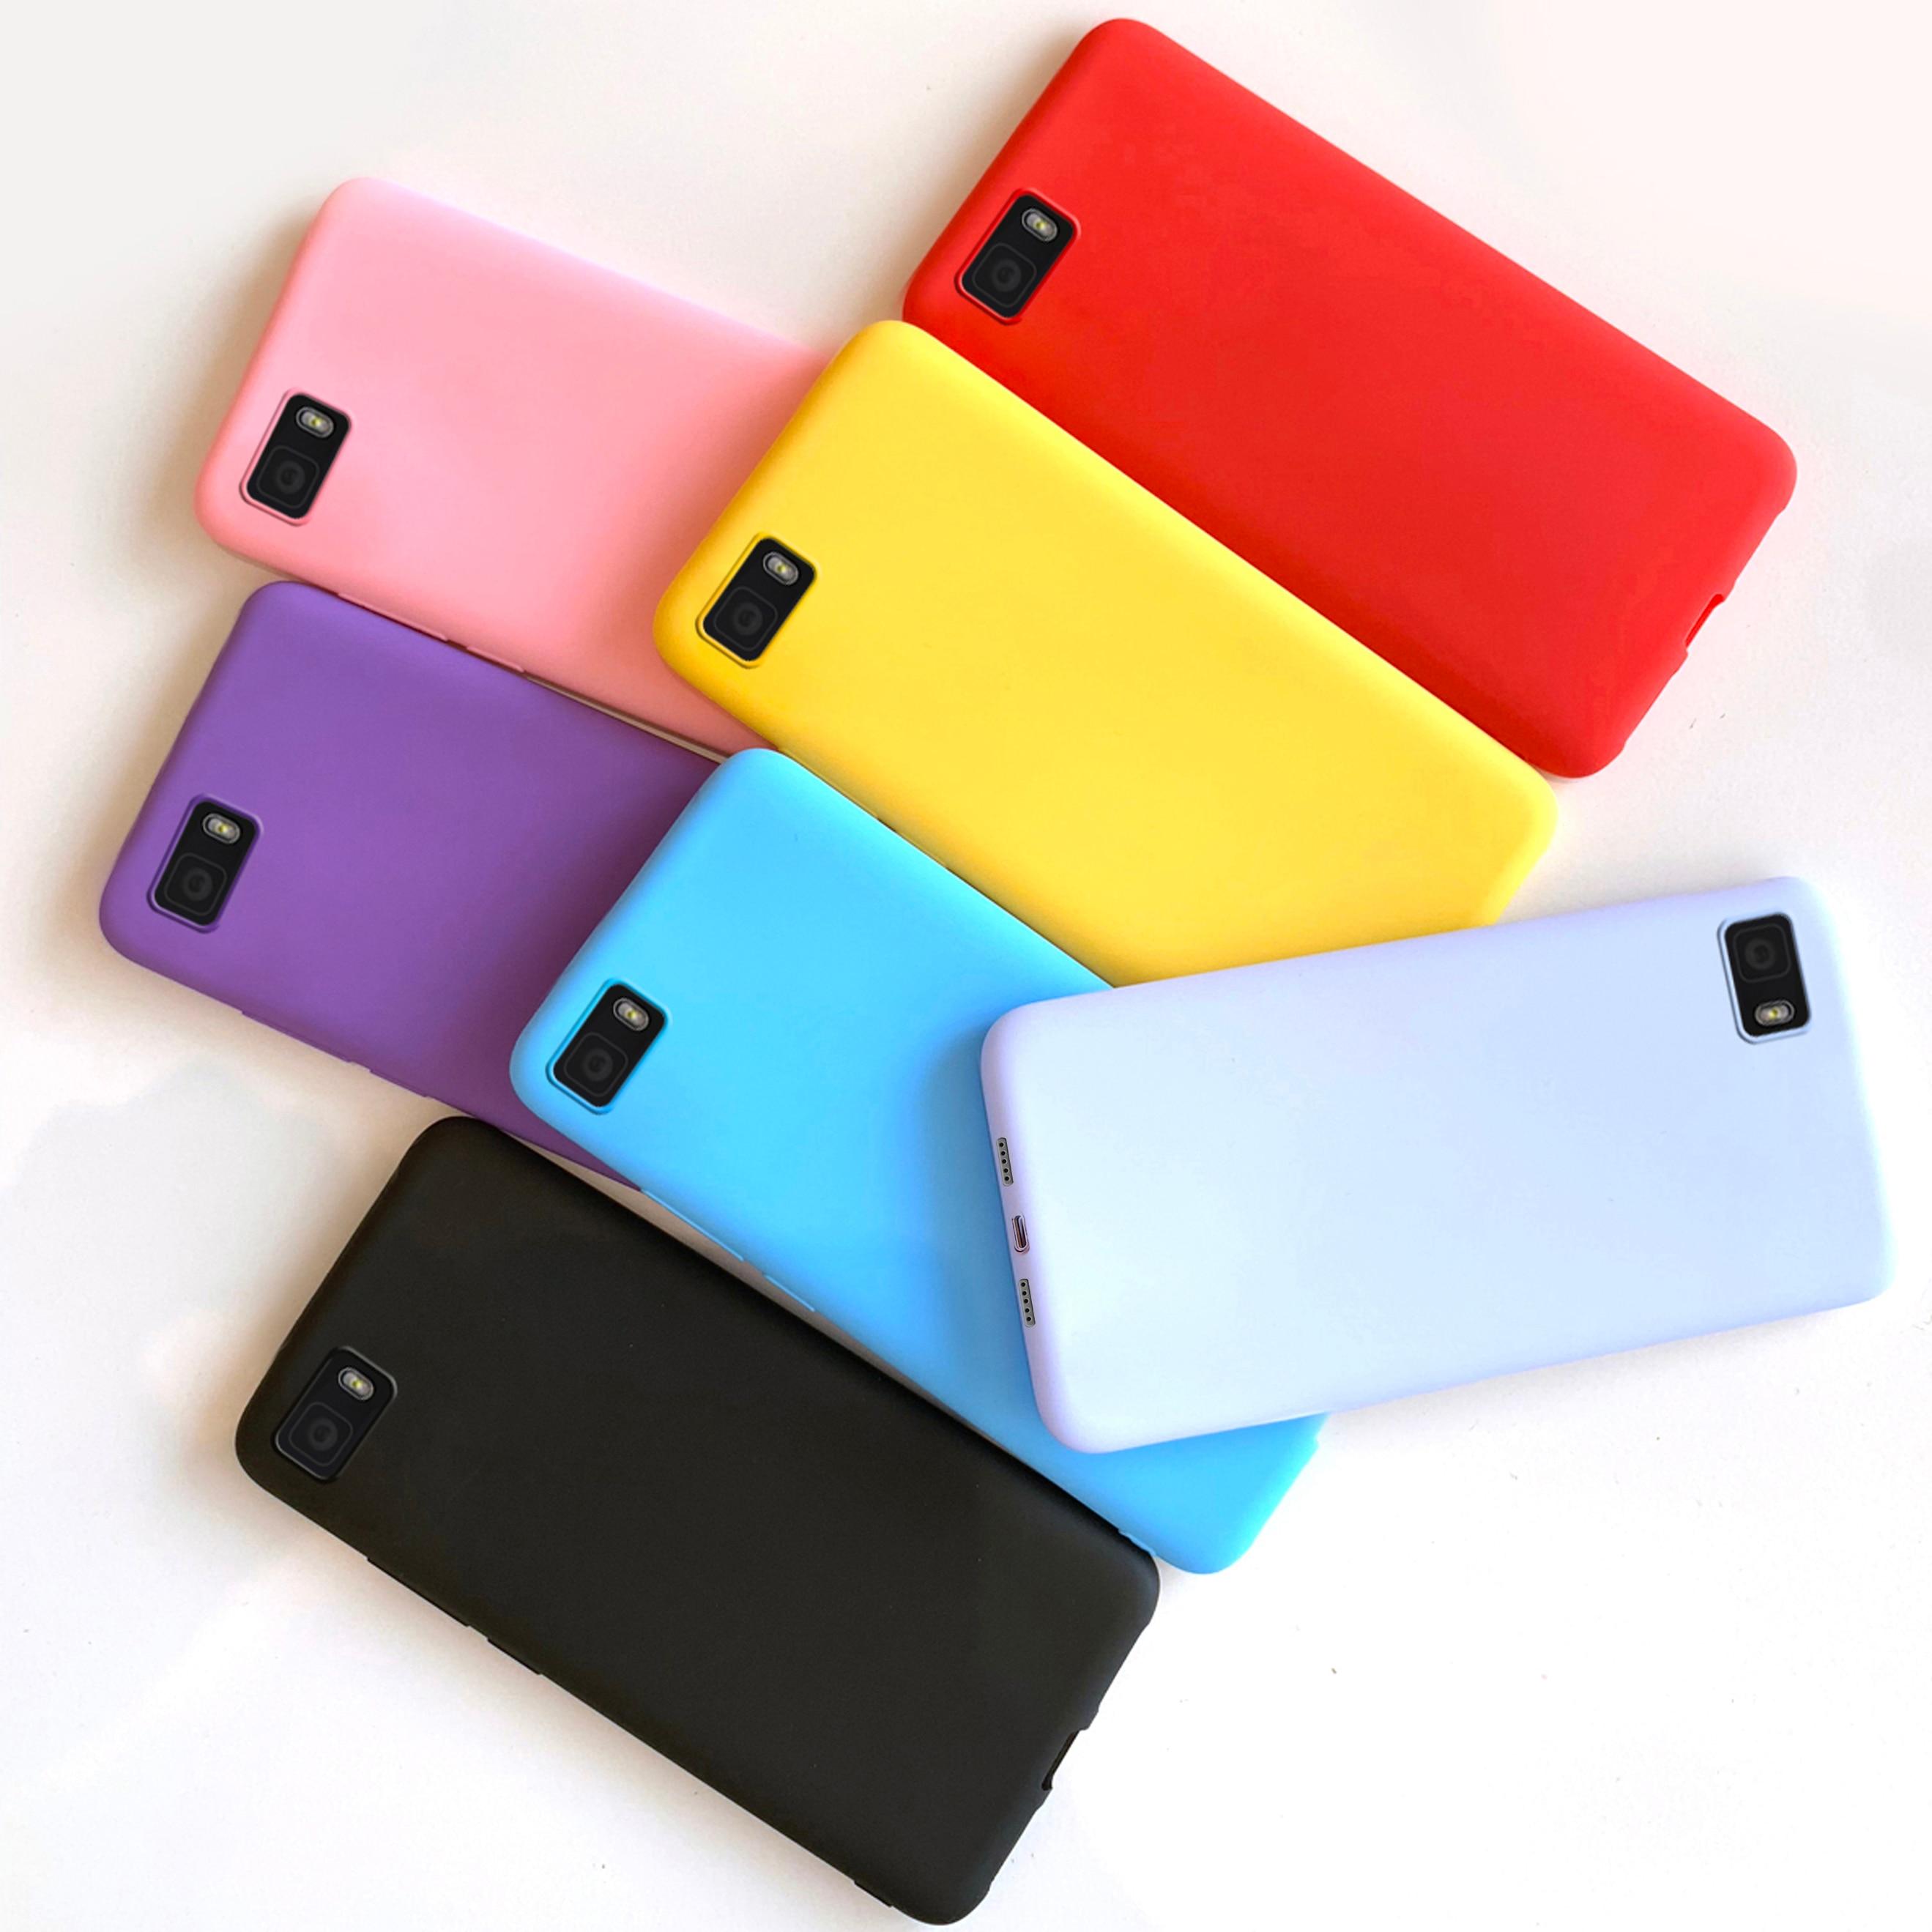 For Huawei P8 Lite Case Huawei P8 Lite P8Lite 2016 2015 Case Cover Phone Silicone Case For Huawei P8 Lite ALE-L21 ALE L21 Coque